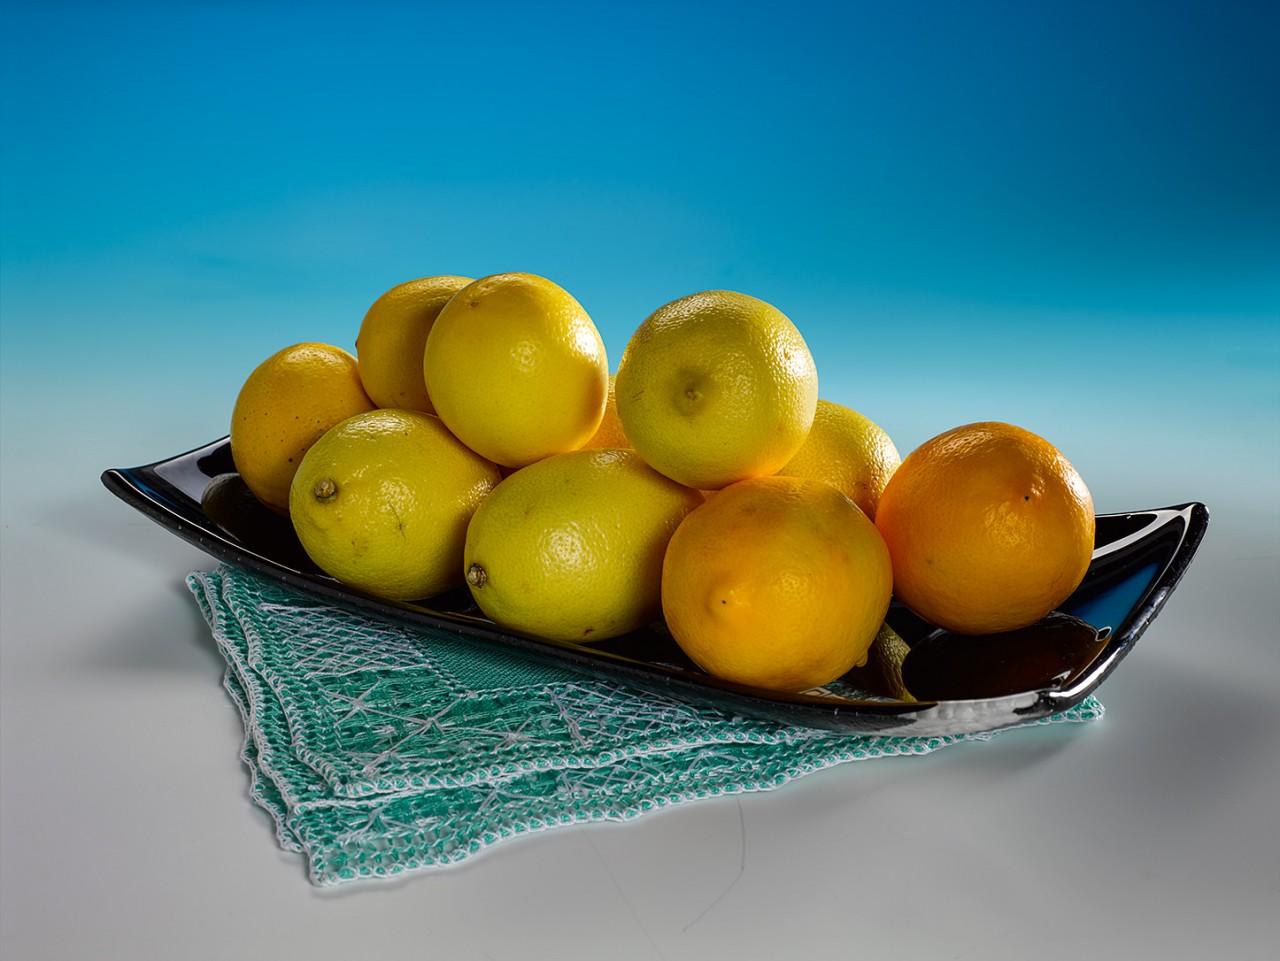 Отличная  замена  марокканским соленым лимонам - готовится очень быстро